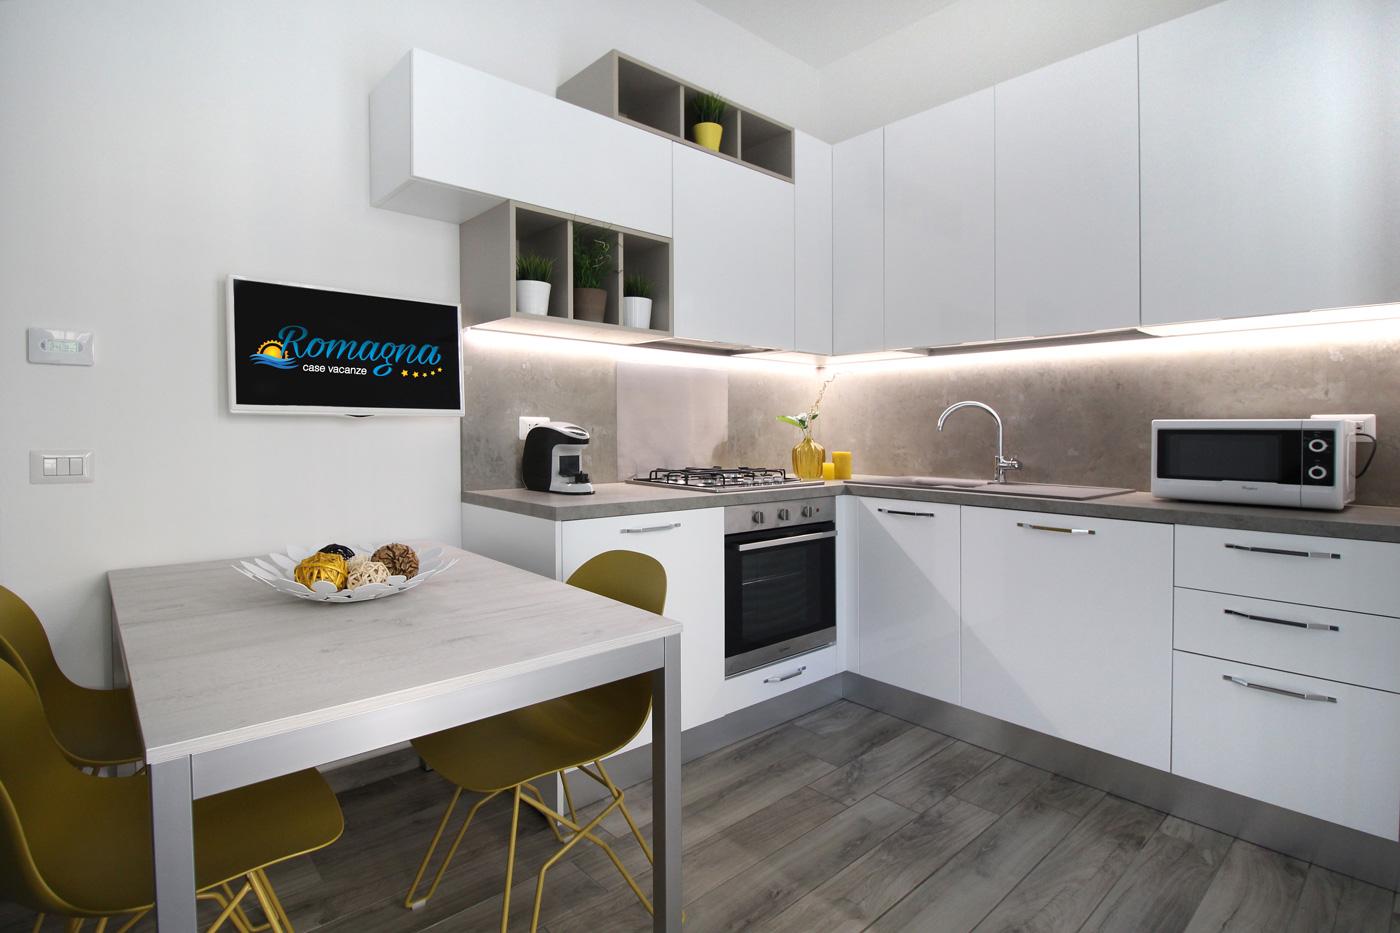 Appartamento thomas romagna case vacanze san mauro mare gatteo mare_8879_2